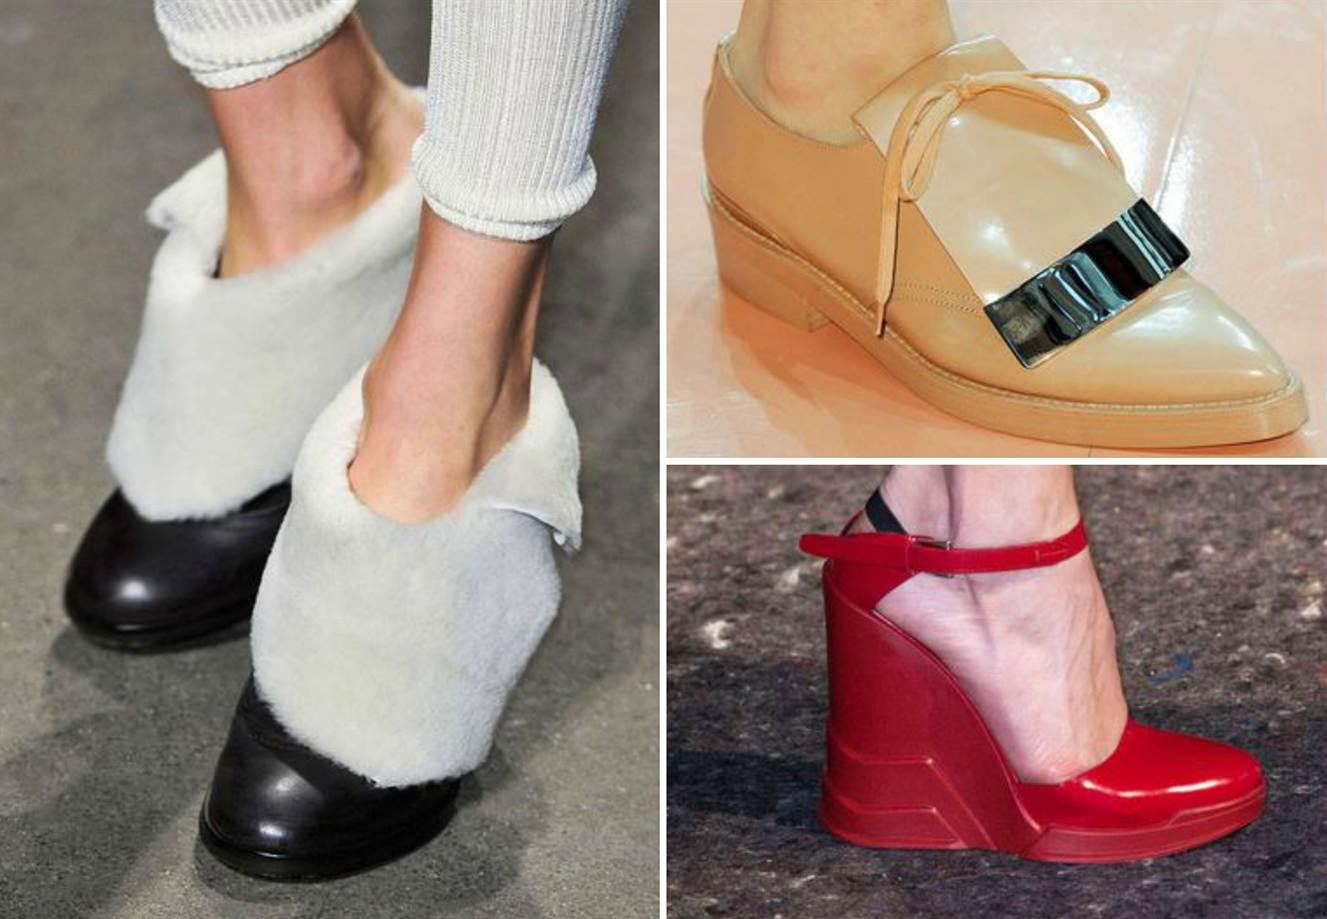 d5cbf5b05 Модная обувь сезона осень-зима 2017-2018, тенденции и фото